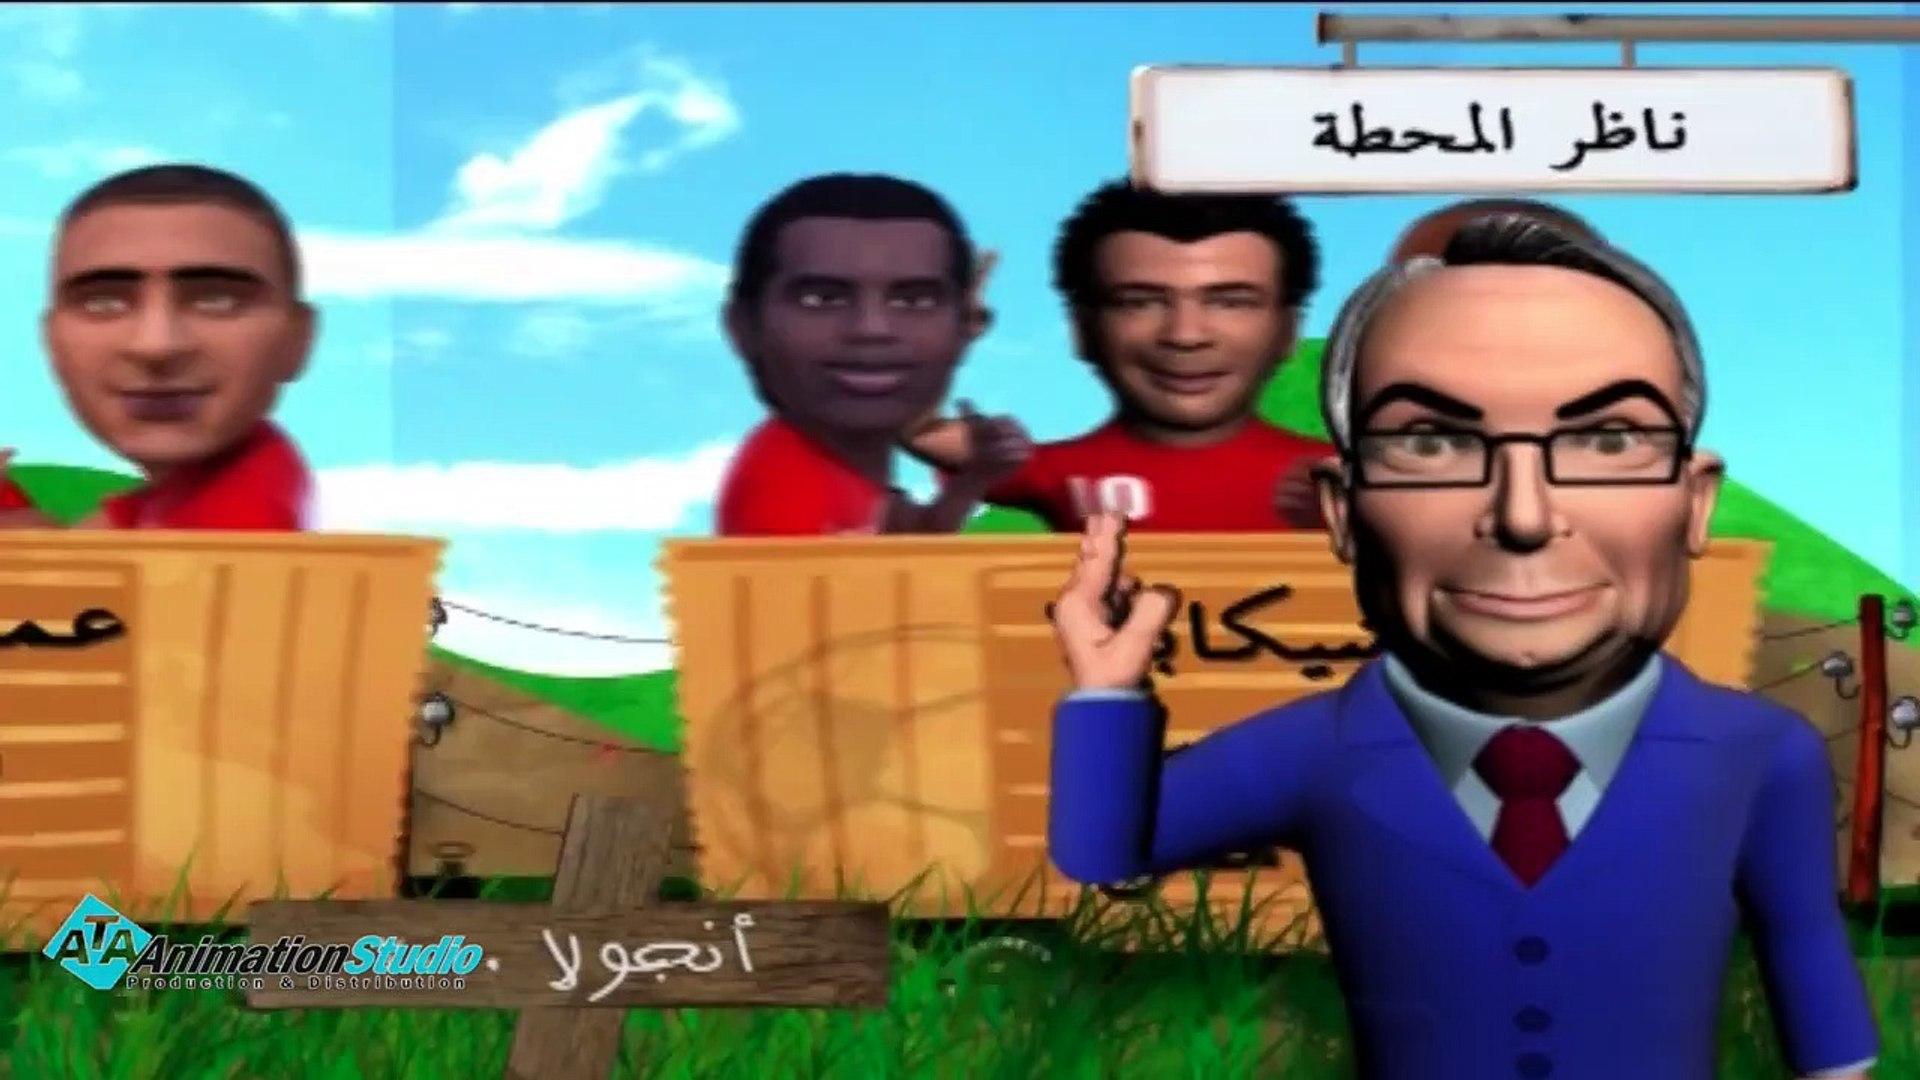 Welad Eleih part 1  Episode 7 مسلسل ولاد الايه - الجزء الاول - الحلقة السابعة